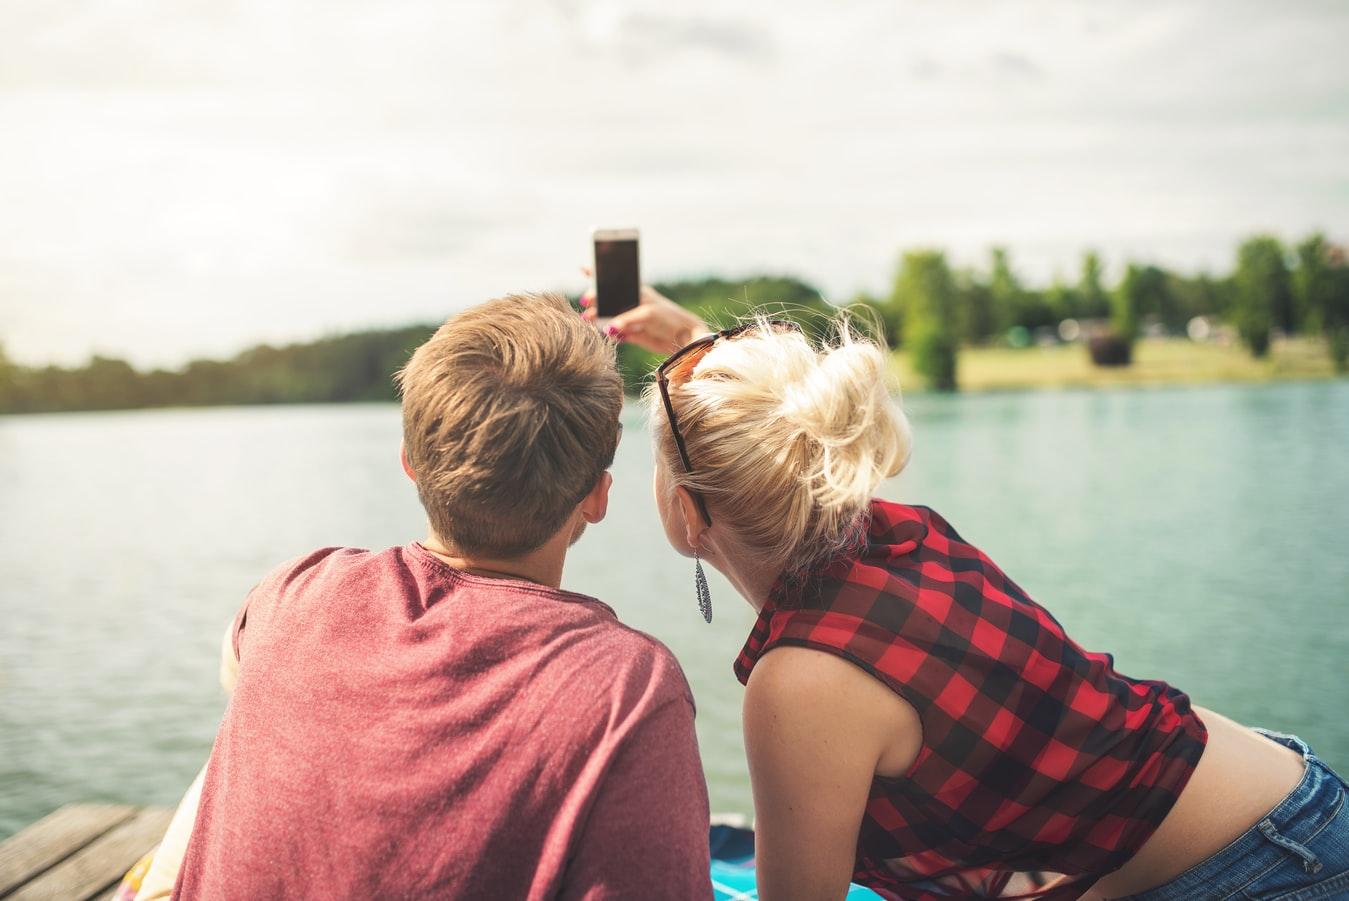 Un couple de jeunes gens prenant un selfie au bord d'un magnifique lac